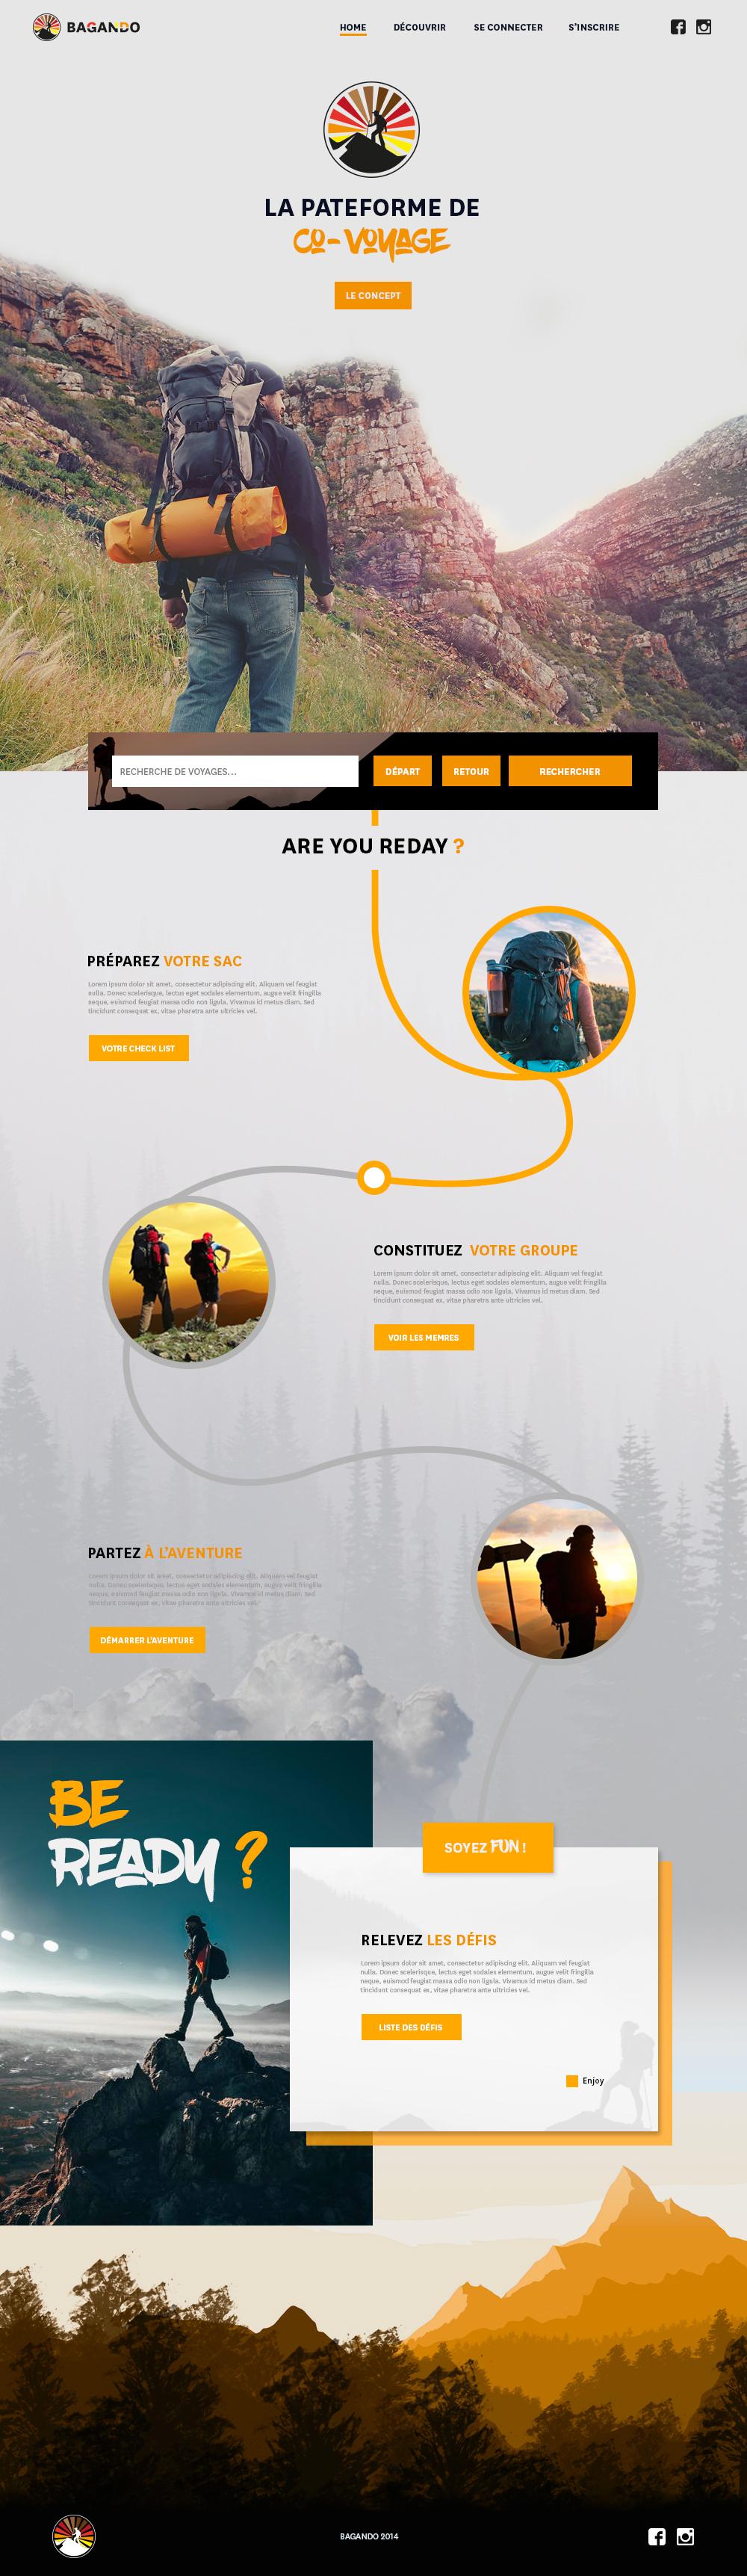 Webdesign plateforme de co-voyage bagando